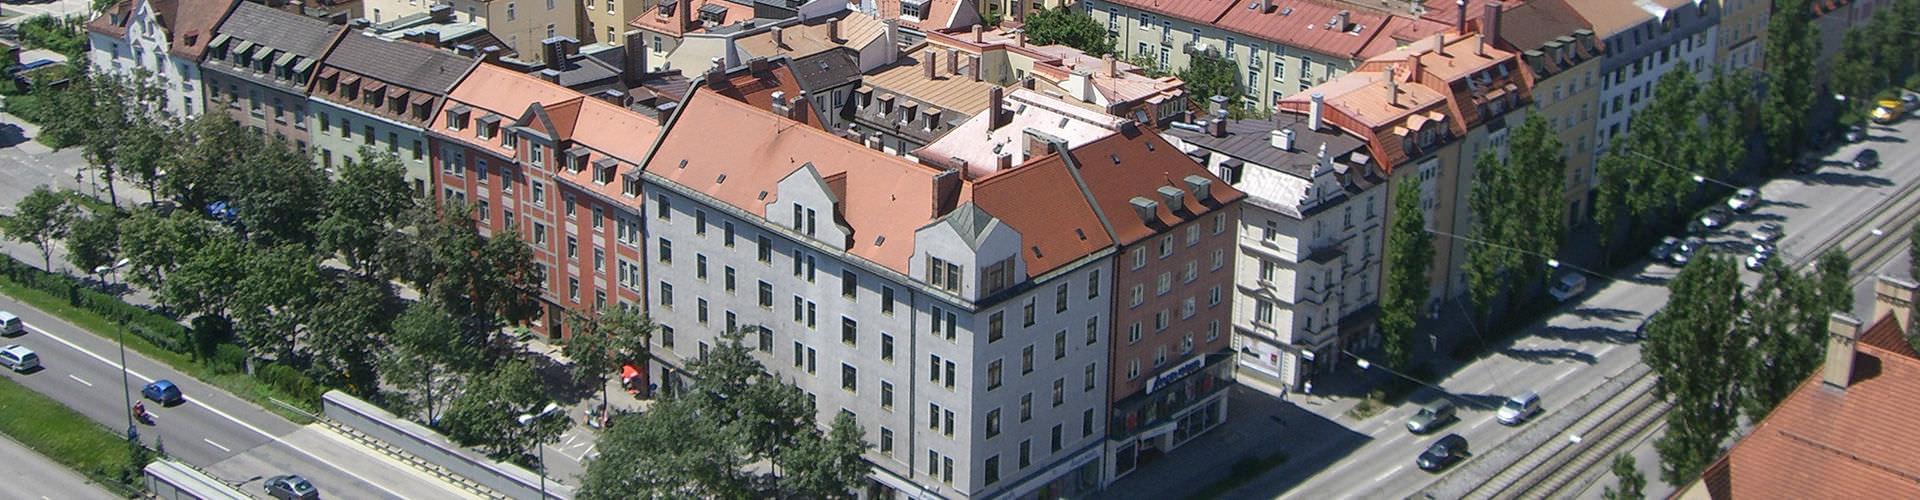 Munich - Auberges de jeunesse et Chambres pas chères dans le quartier de Westend. Cartes de Munich, photos et commentaires pour chaque Auberge de jeunesse et Chambre pas chère à Munich.